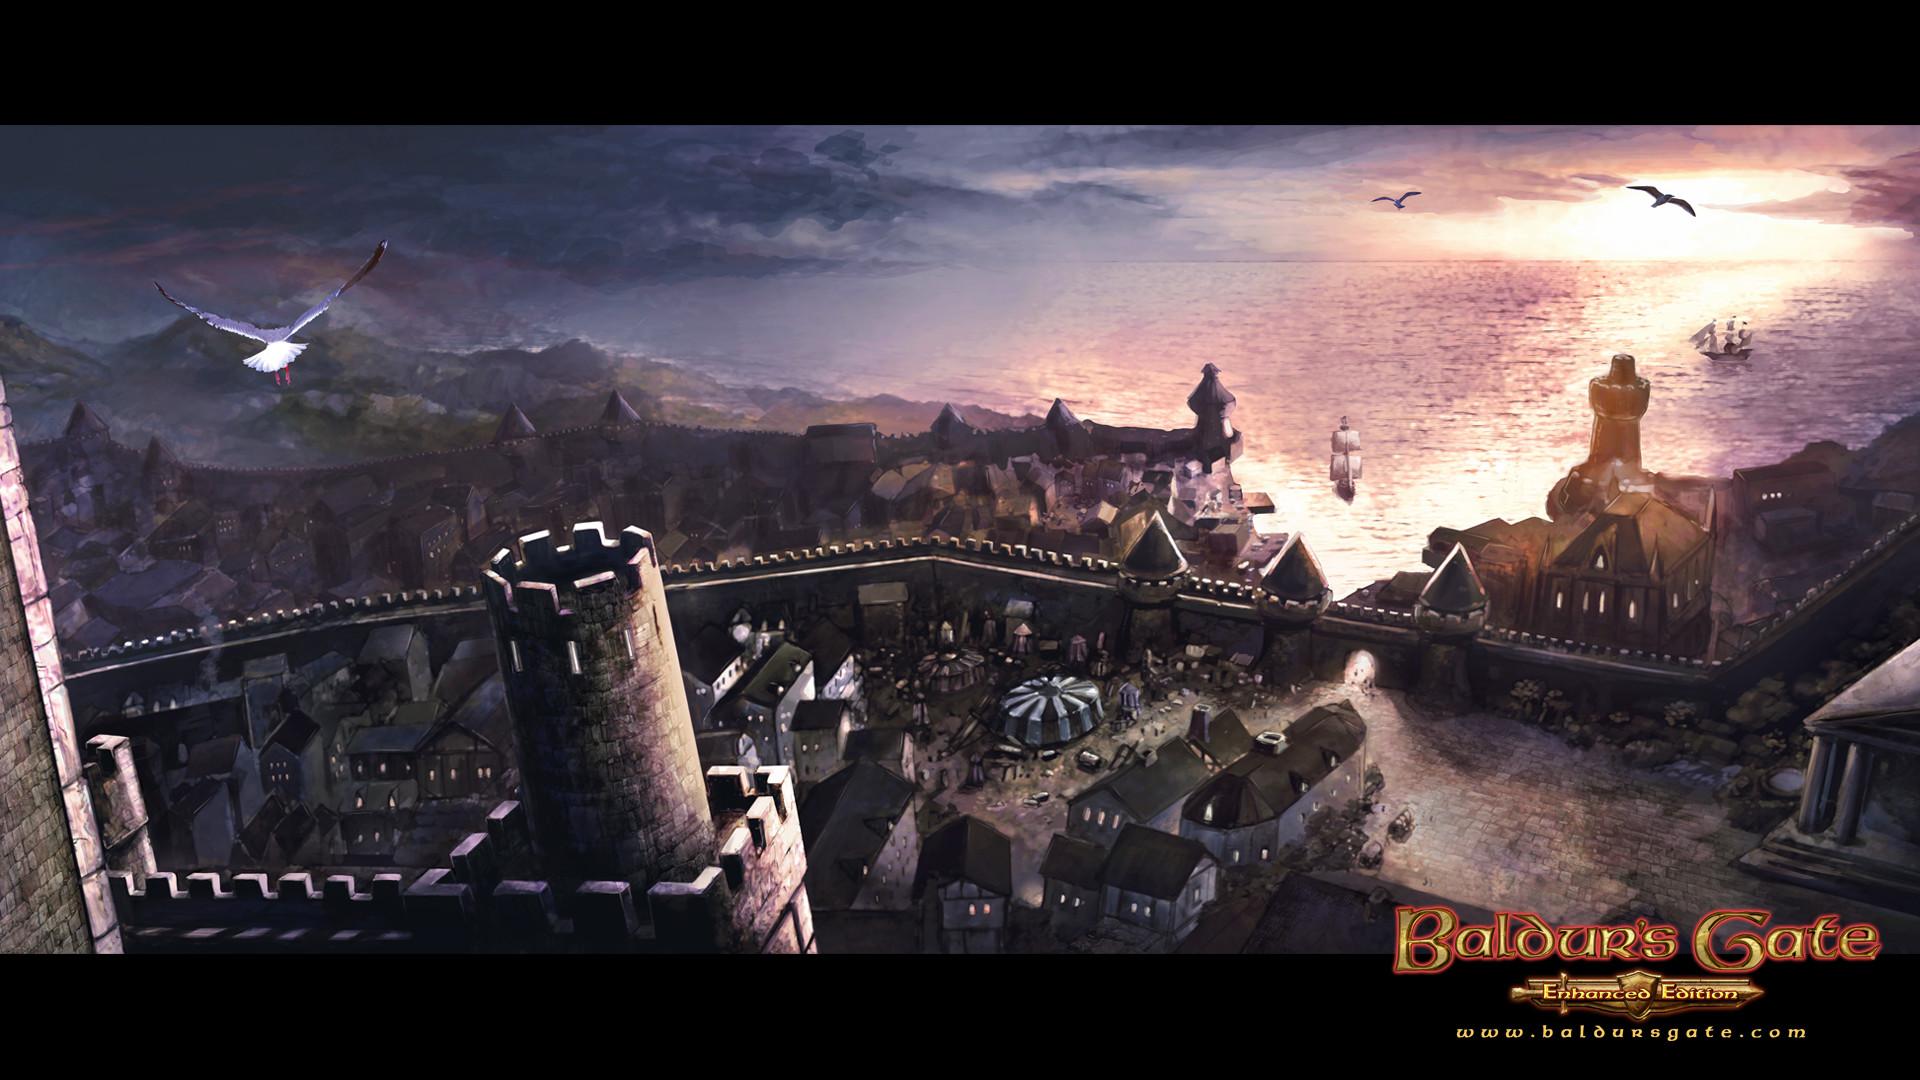 Baldur's Gate Wallpaper